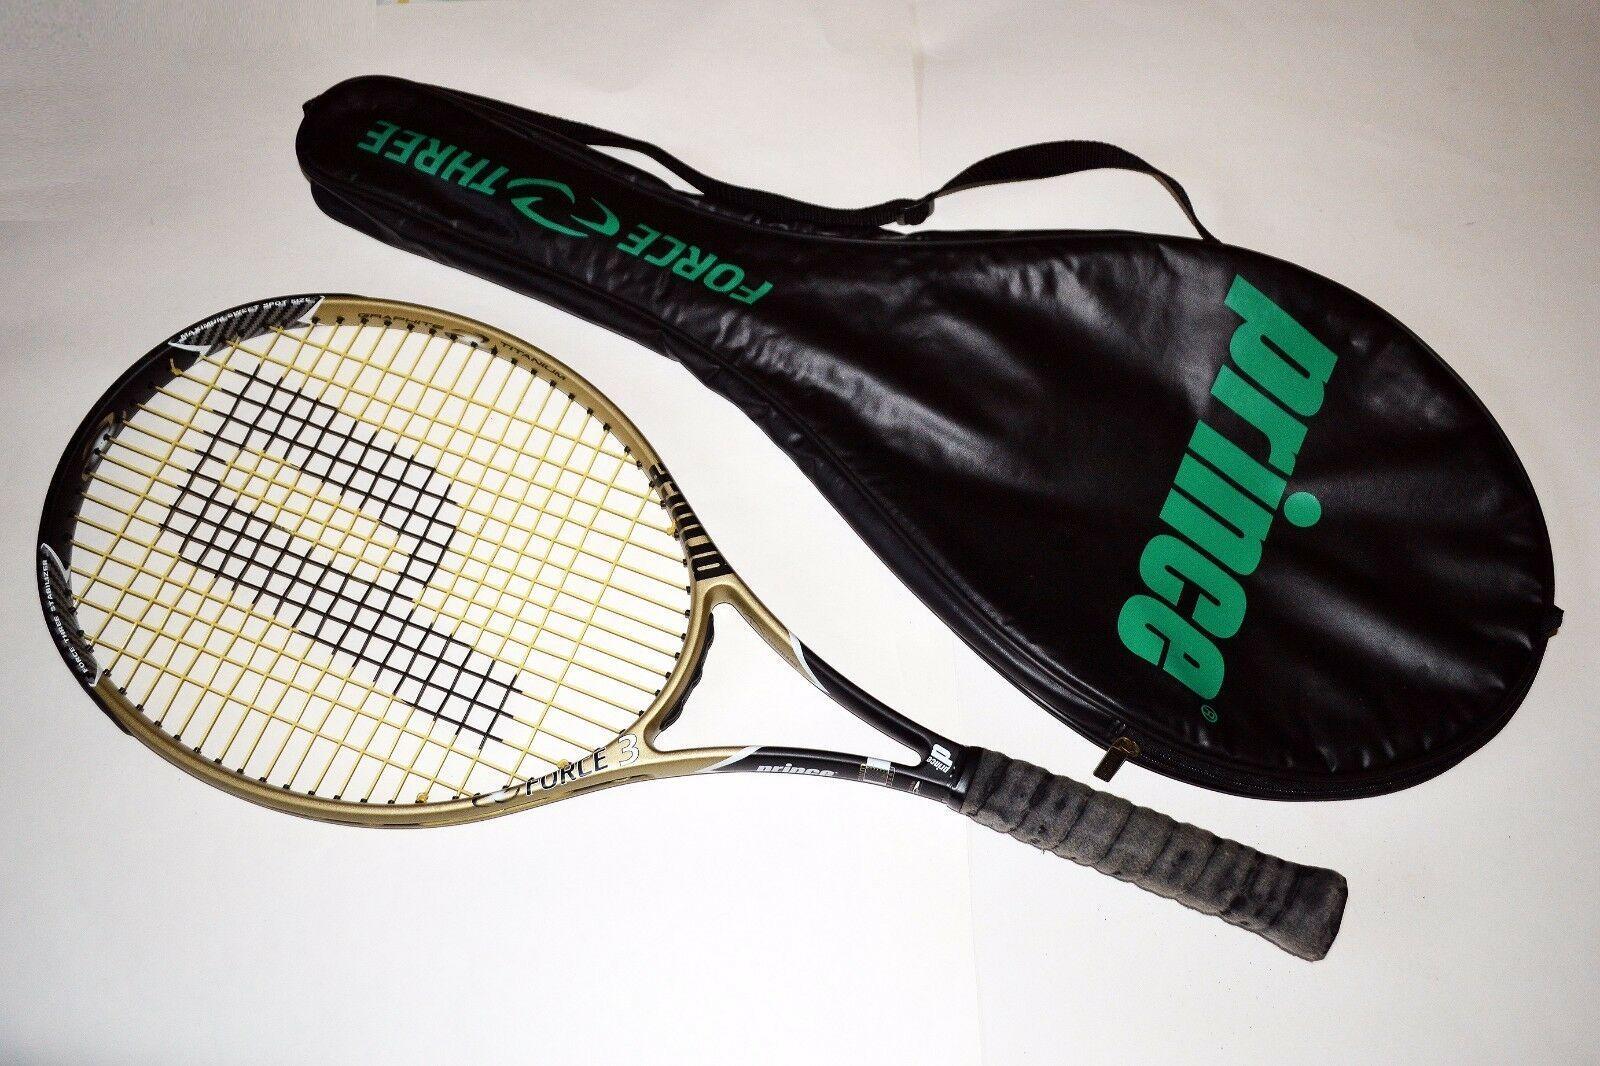 Prince Force 3 Classic TI OverTalla Titanio Grafito Tenis Raqueta Agarre 4 1 2